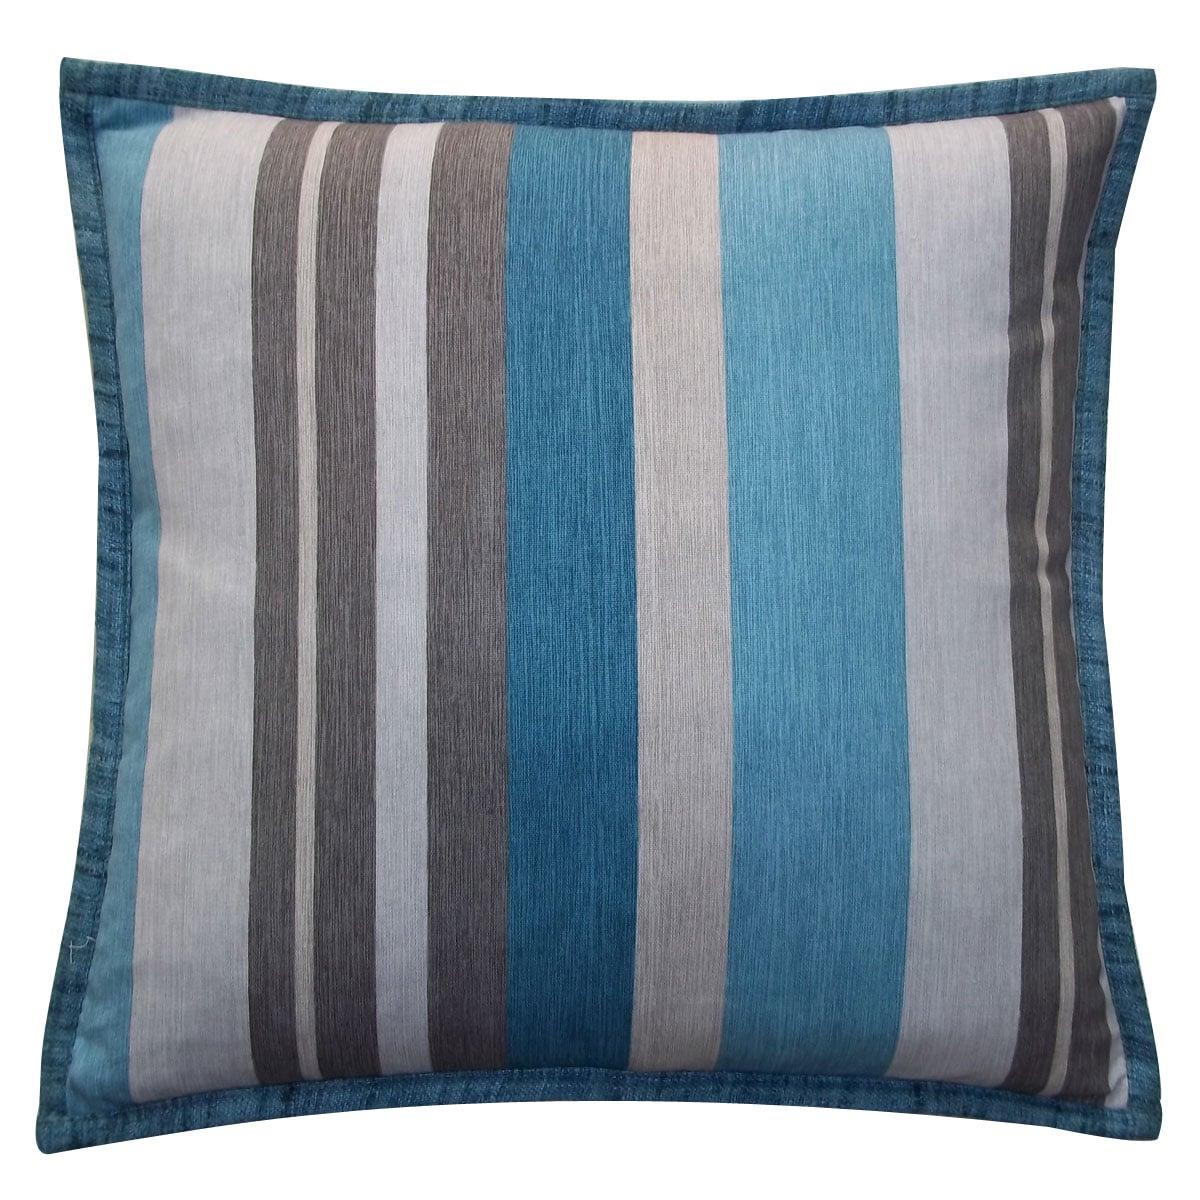 'Martin Stripes' Pillow